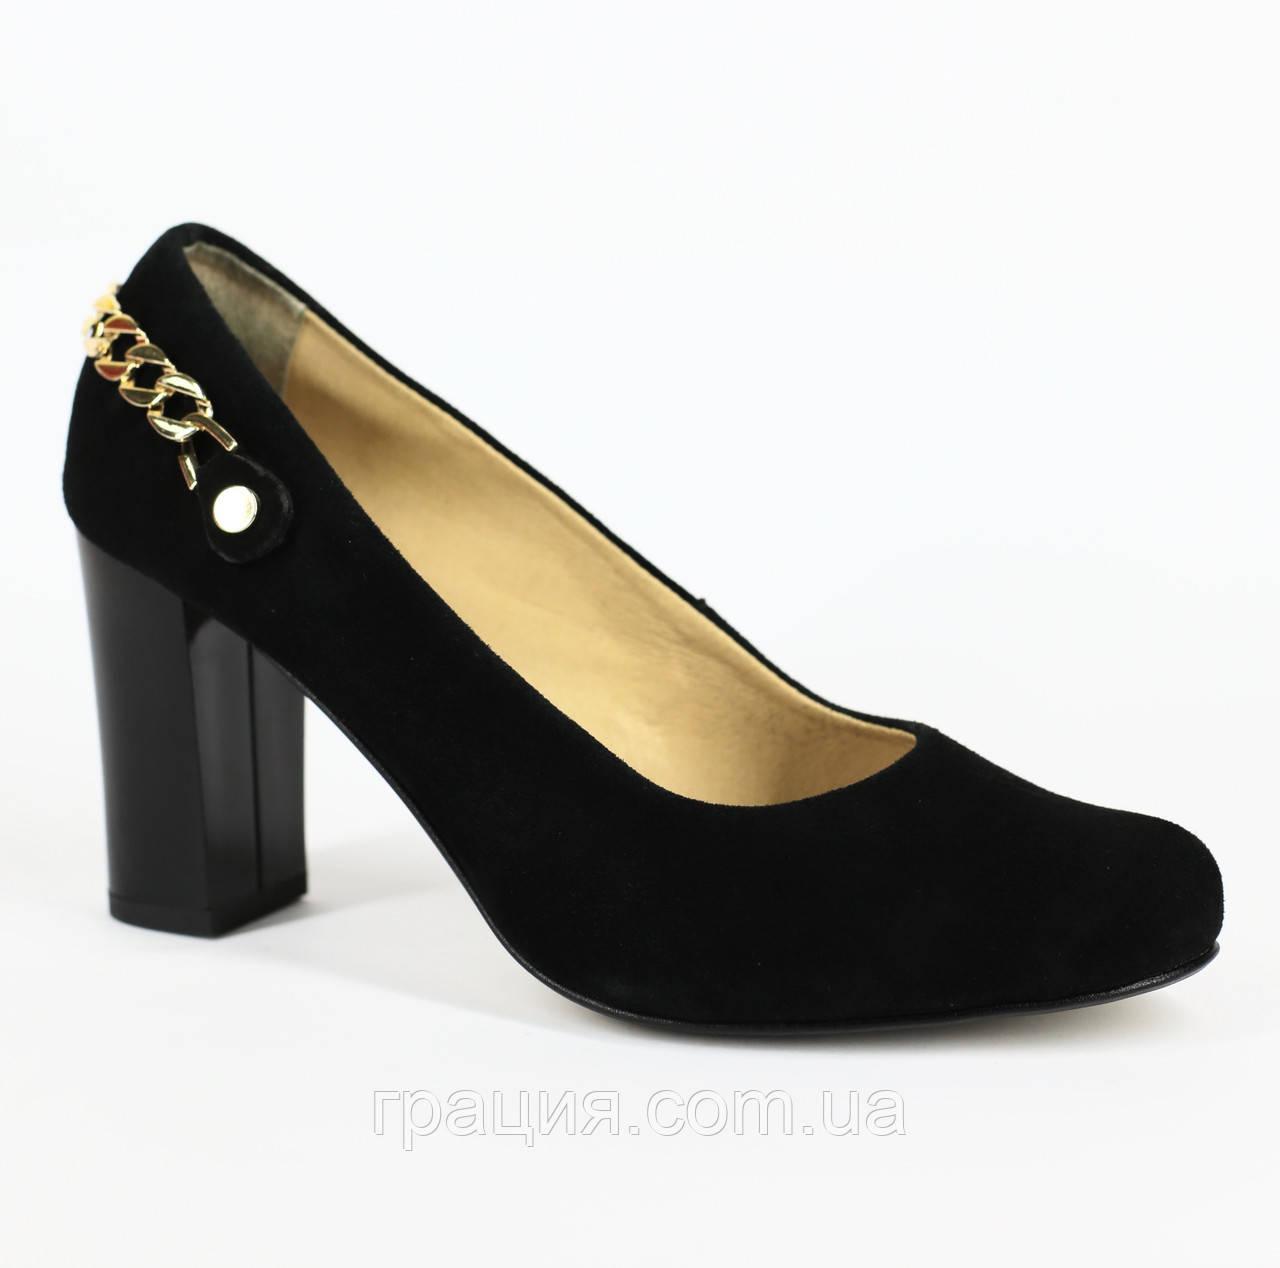 Туфлі жіночі замшеві натуральні на підборах